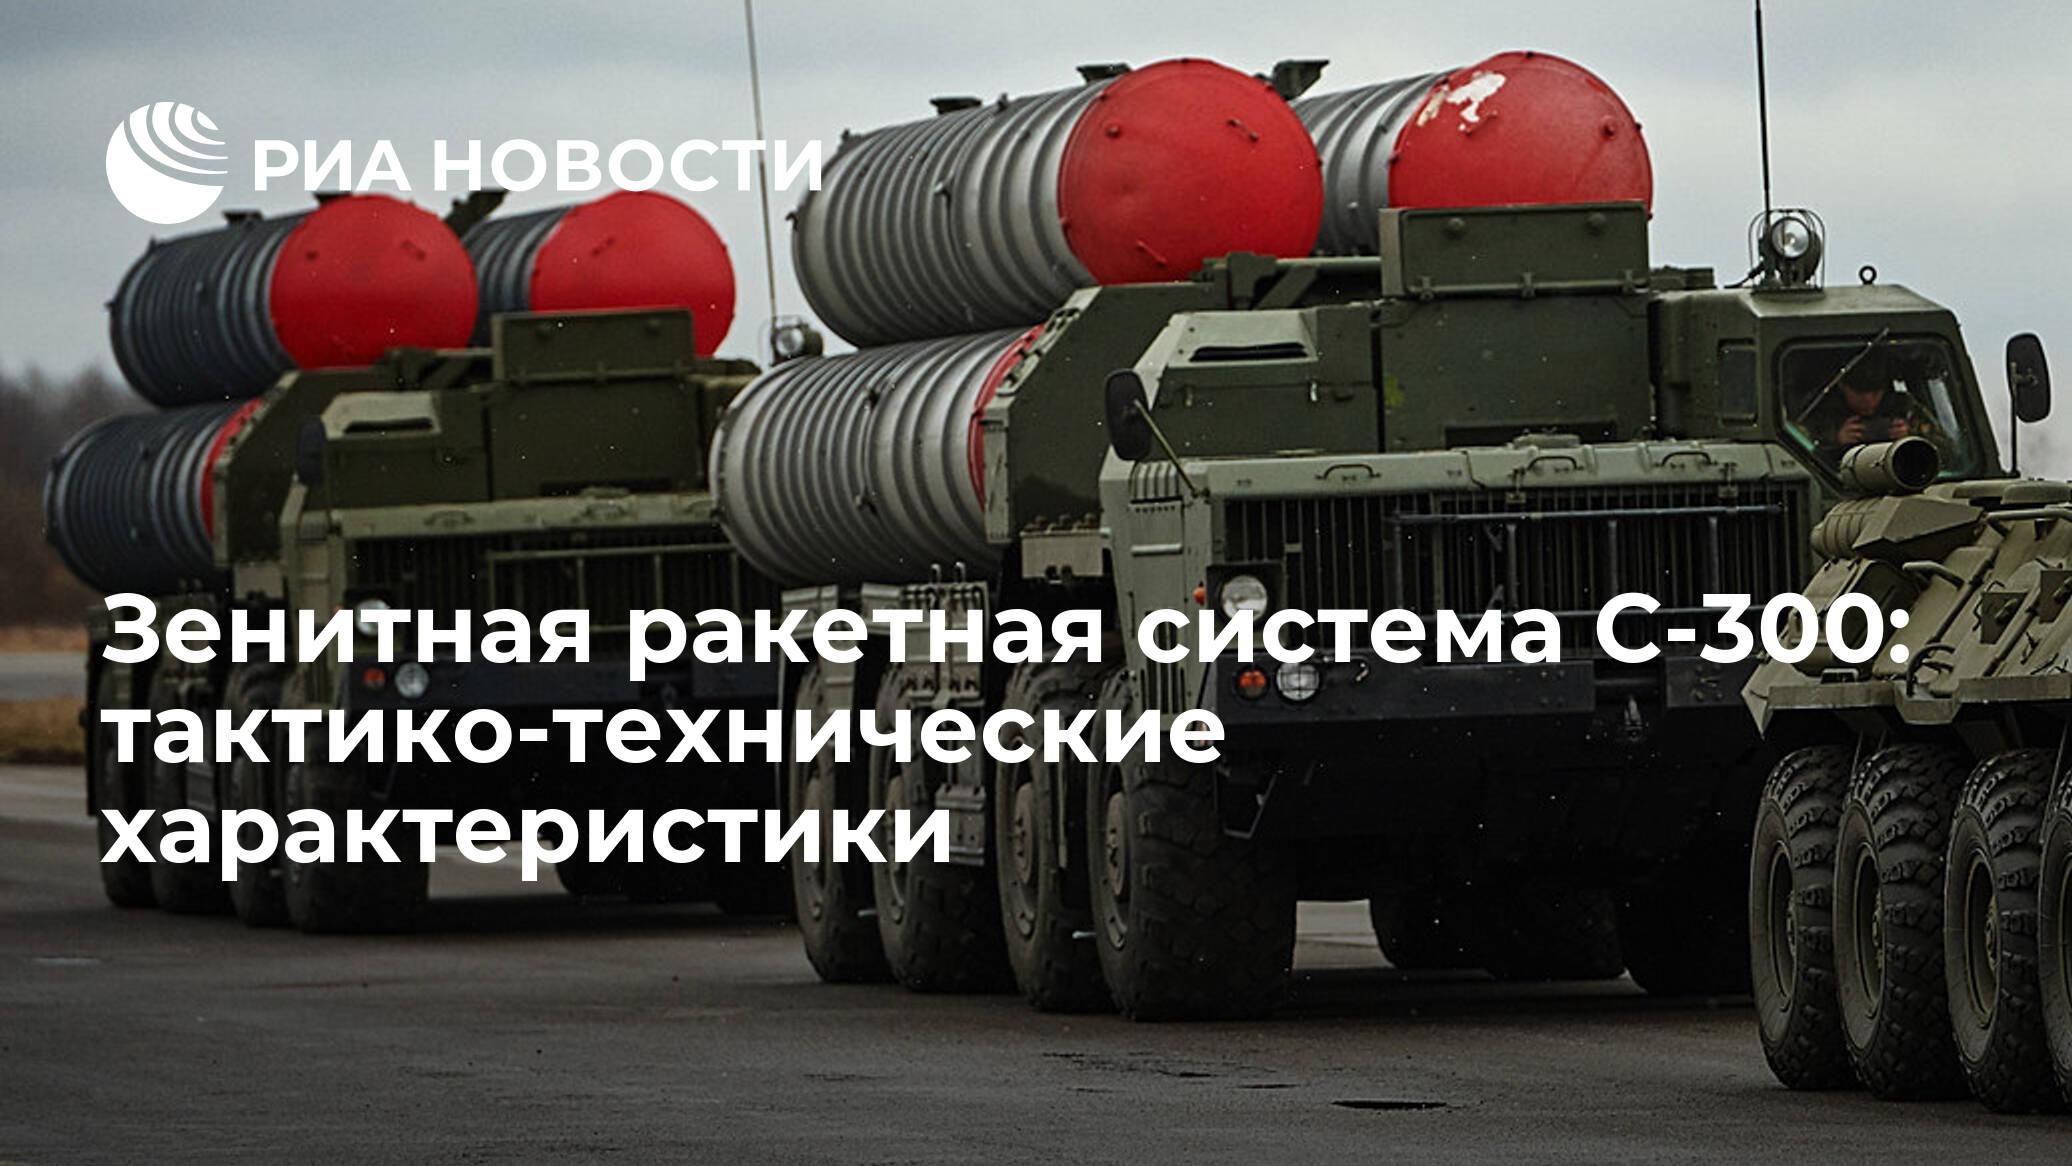 Зенитная ракетная система С-300: тактико-технические характеристики